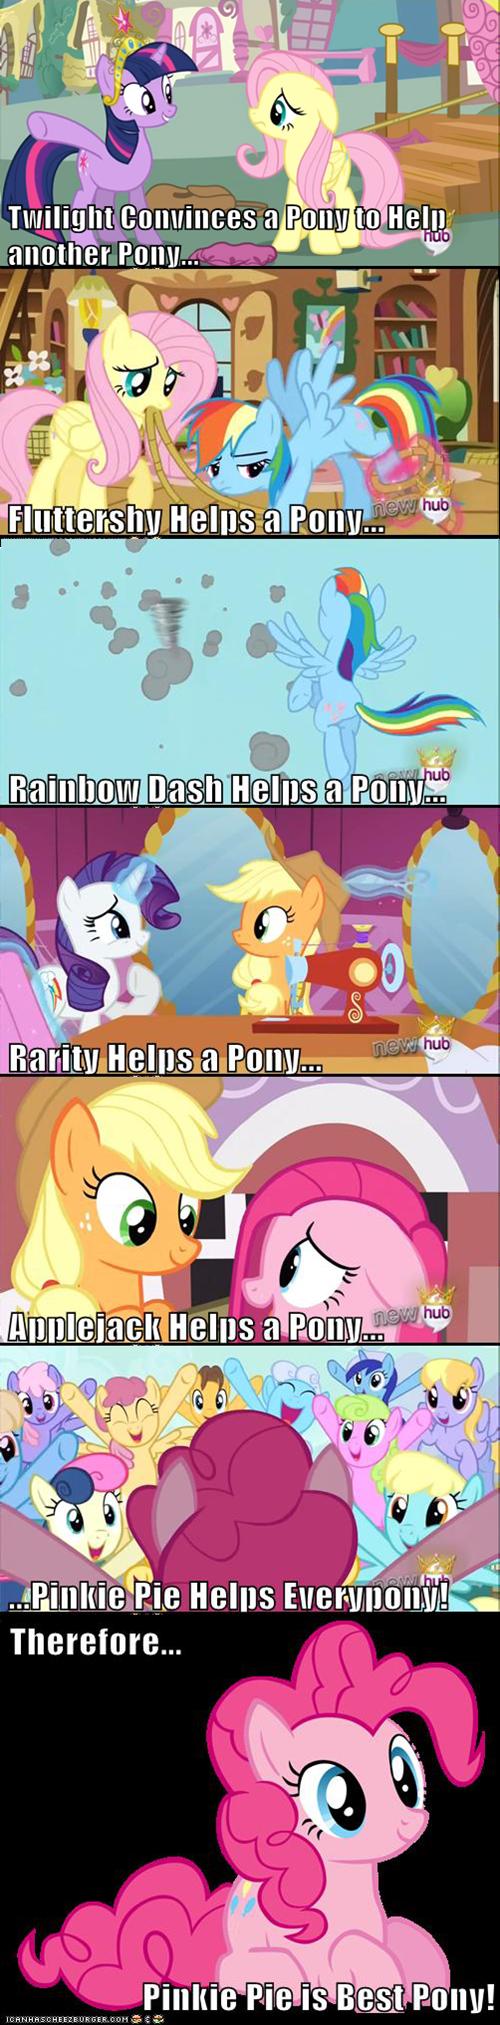 twilight sparkle pinkie pie mane six best pony - 7136031744